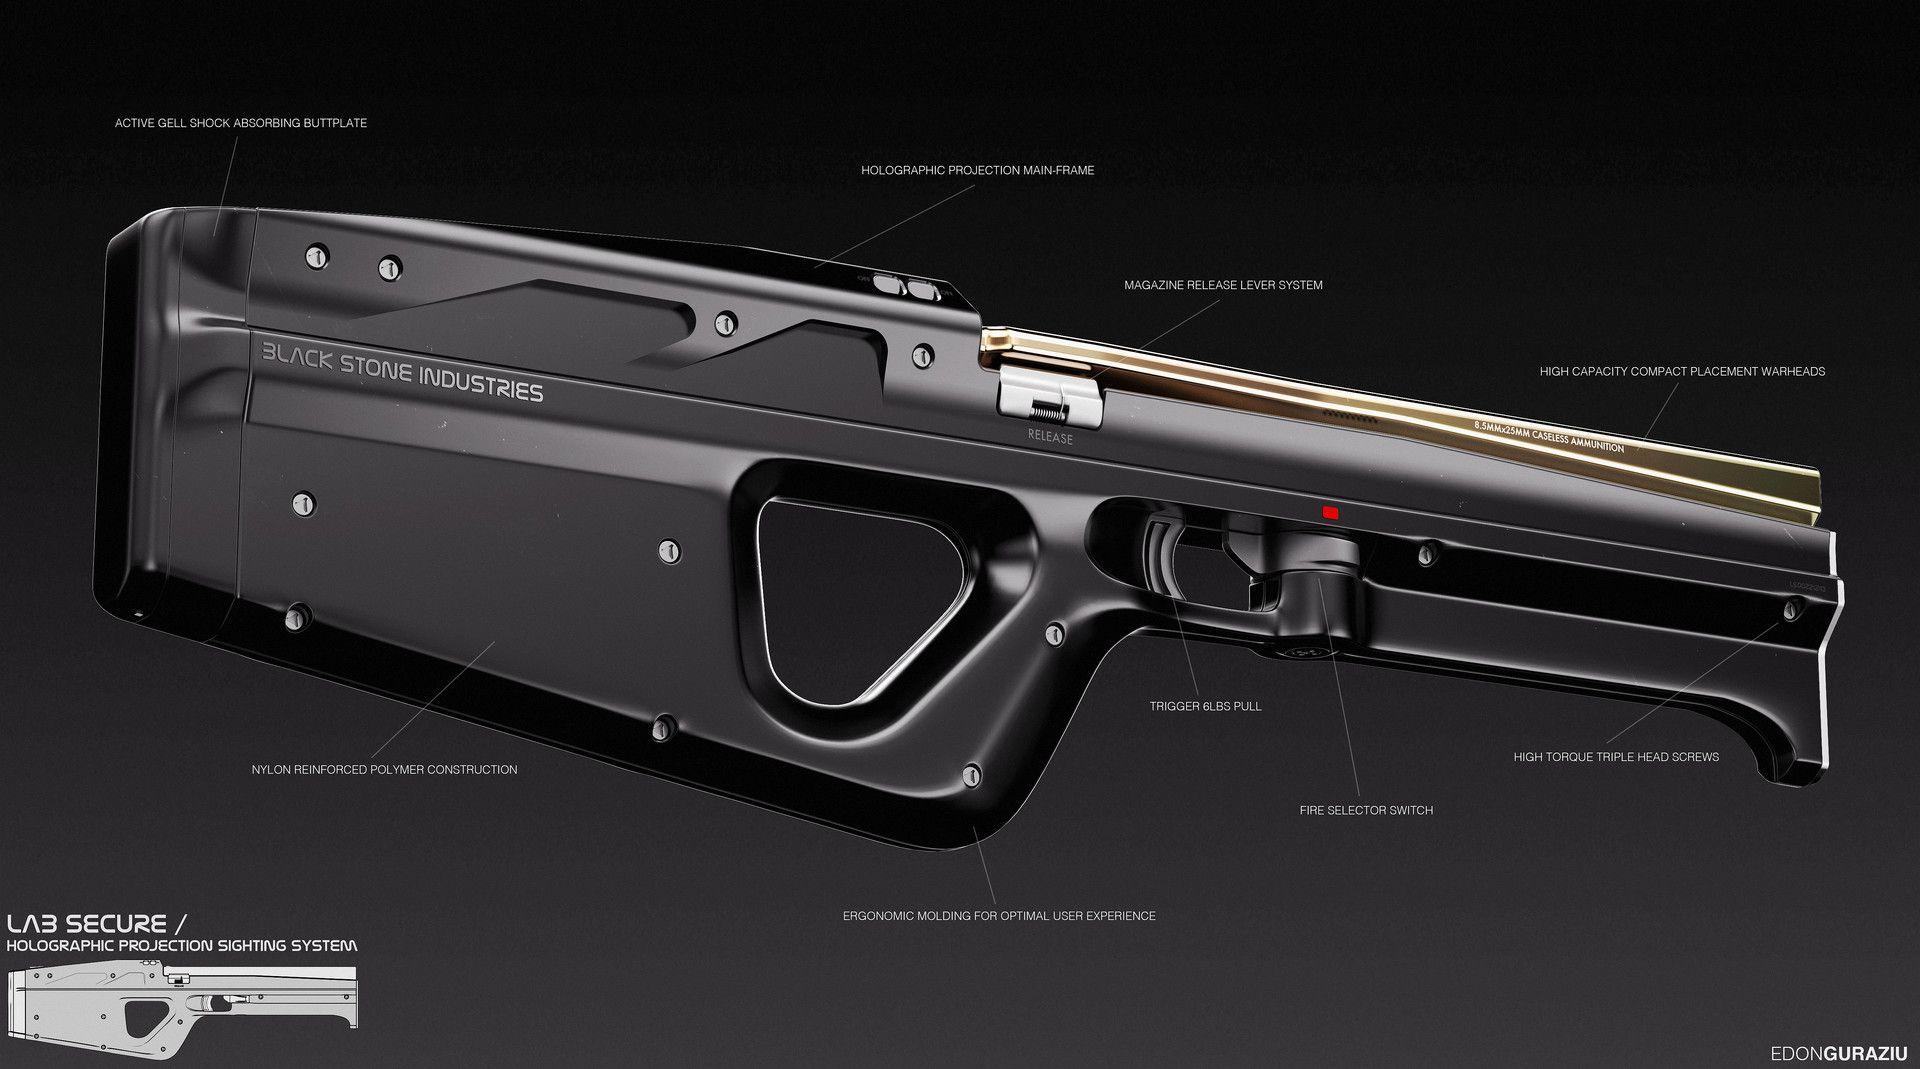 ArtStation - Scifi Weapon Design, Edon Guraziu | Sci-fi ...